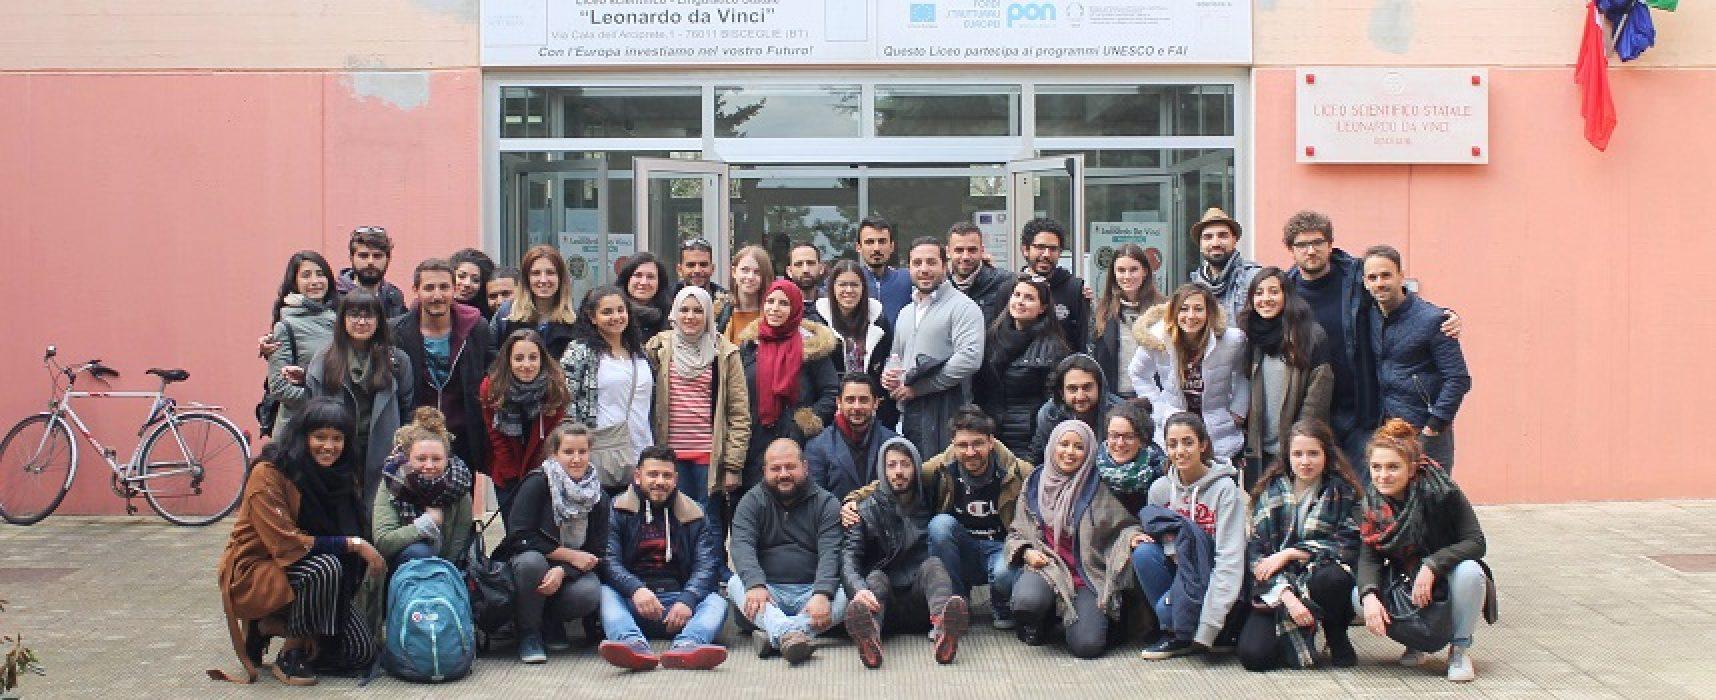 Bisceglie24 erasmus archivi bisceglie24 - In diversi paesi aiutano gli studenti universitari ...